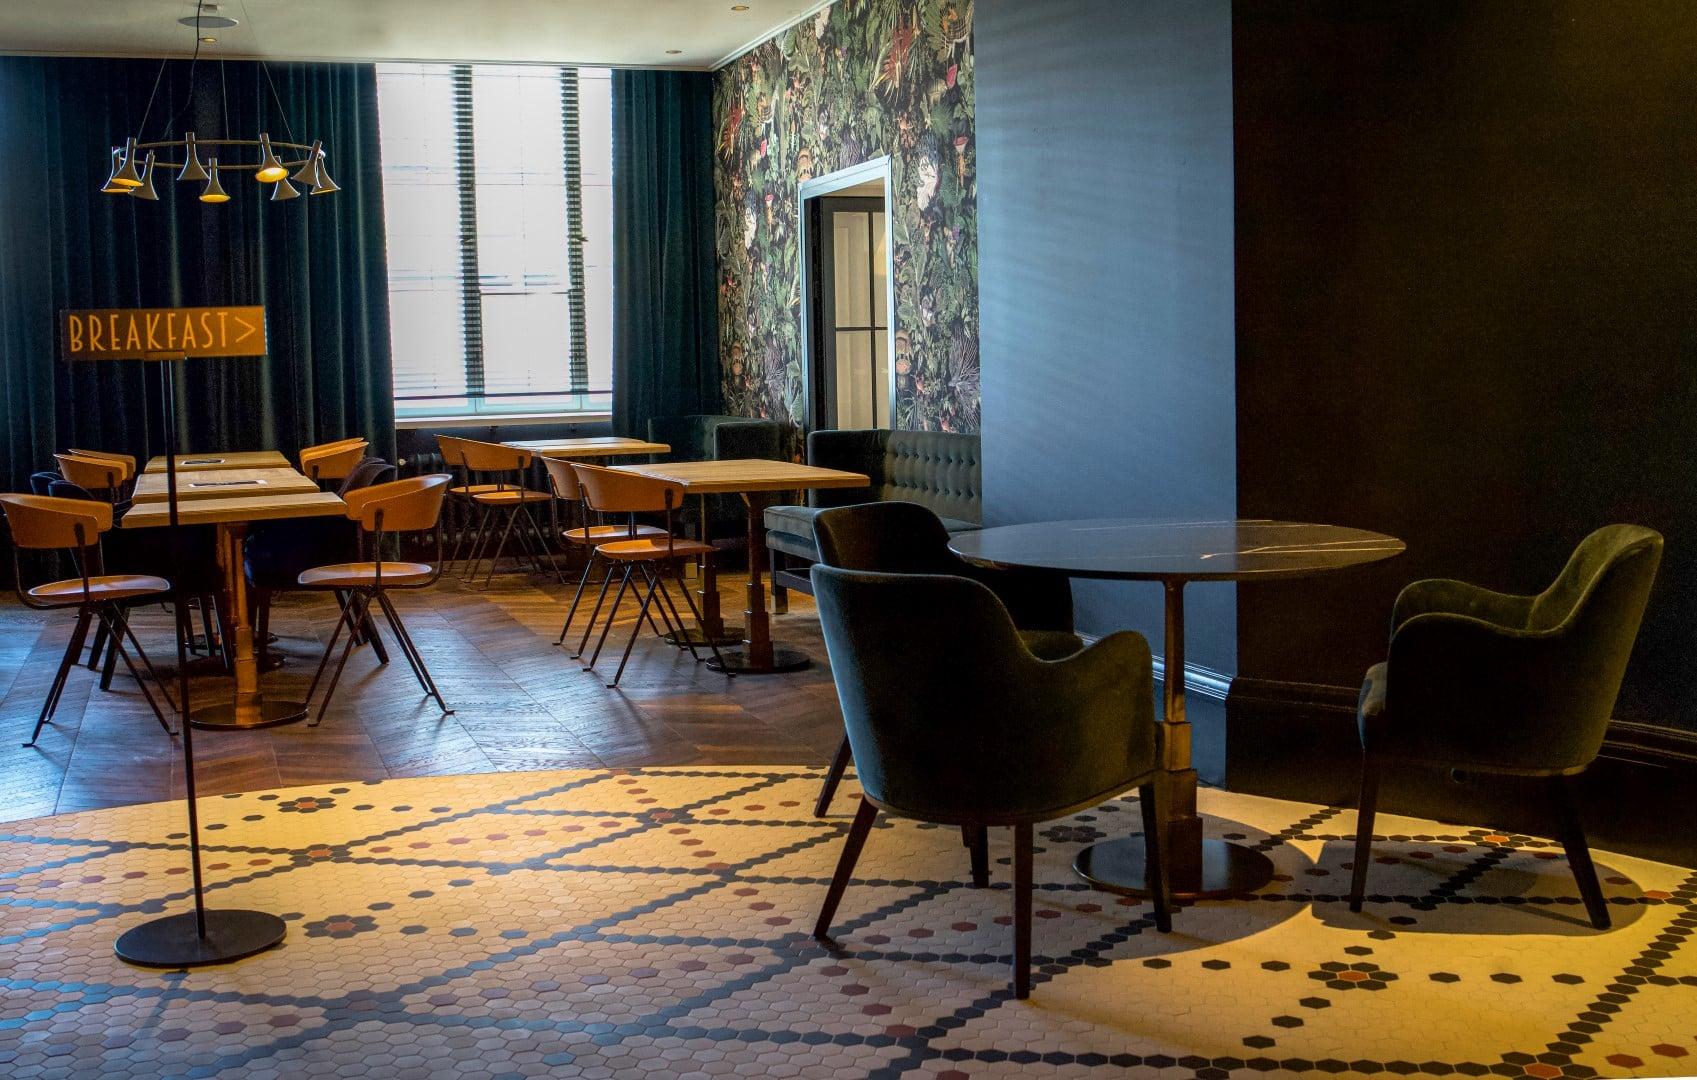 Hotel Scandic Grand Central Finland  - Cosentino casestudy hotel grand central interior7 DSC0597 61